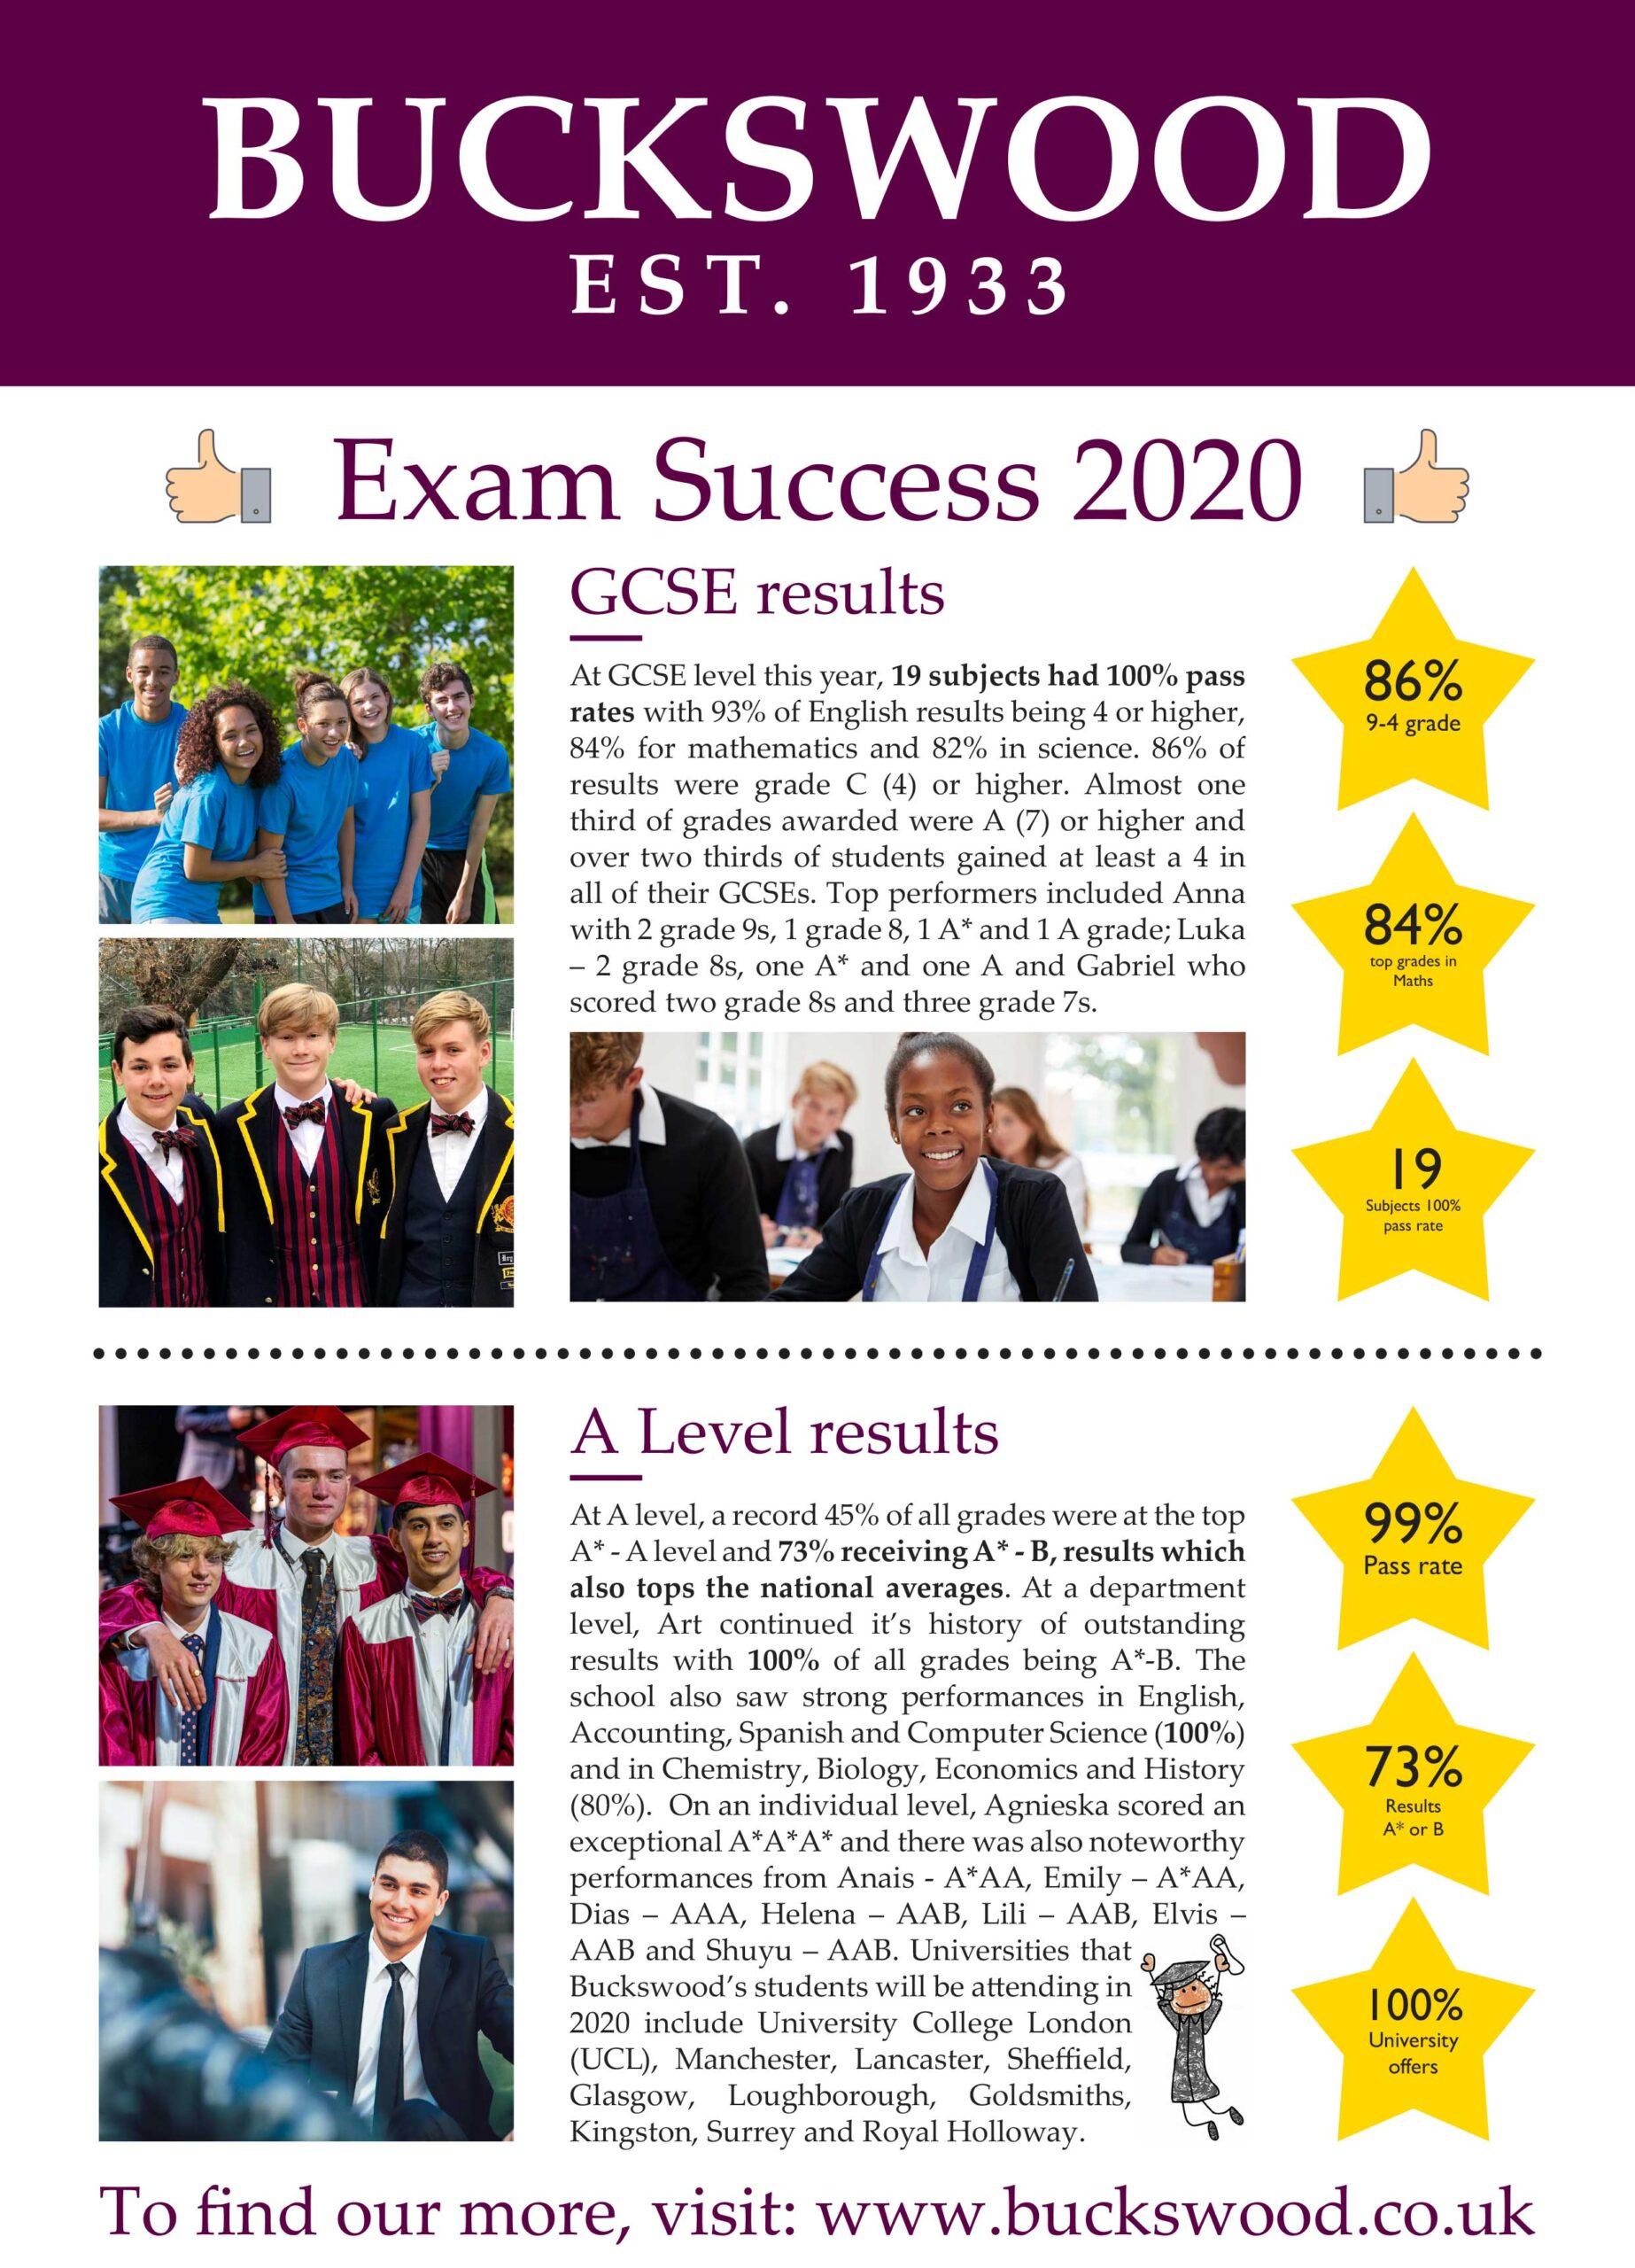 Exam-Success-2020